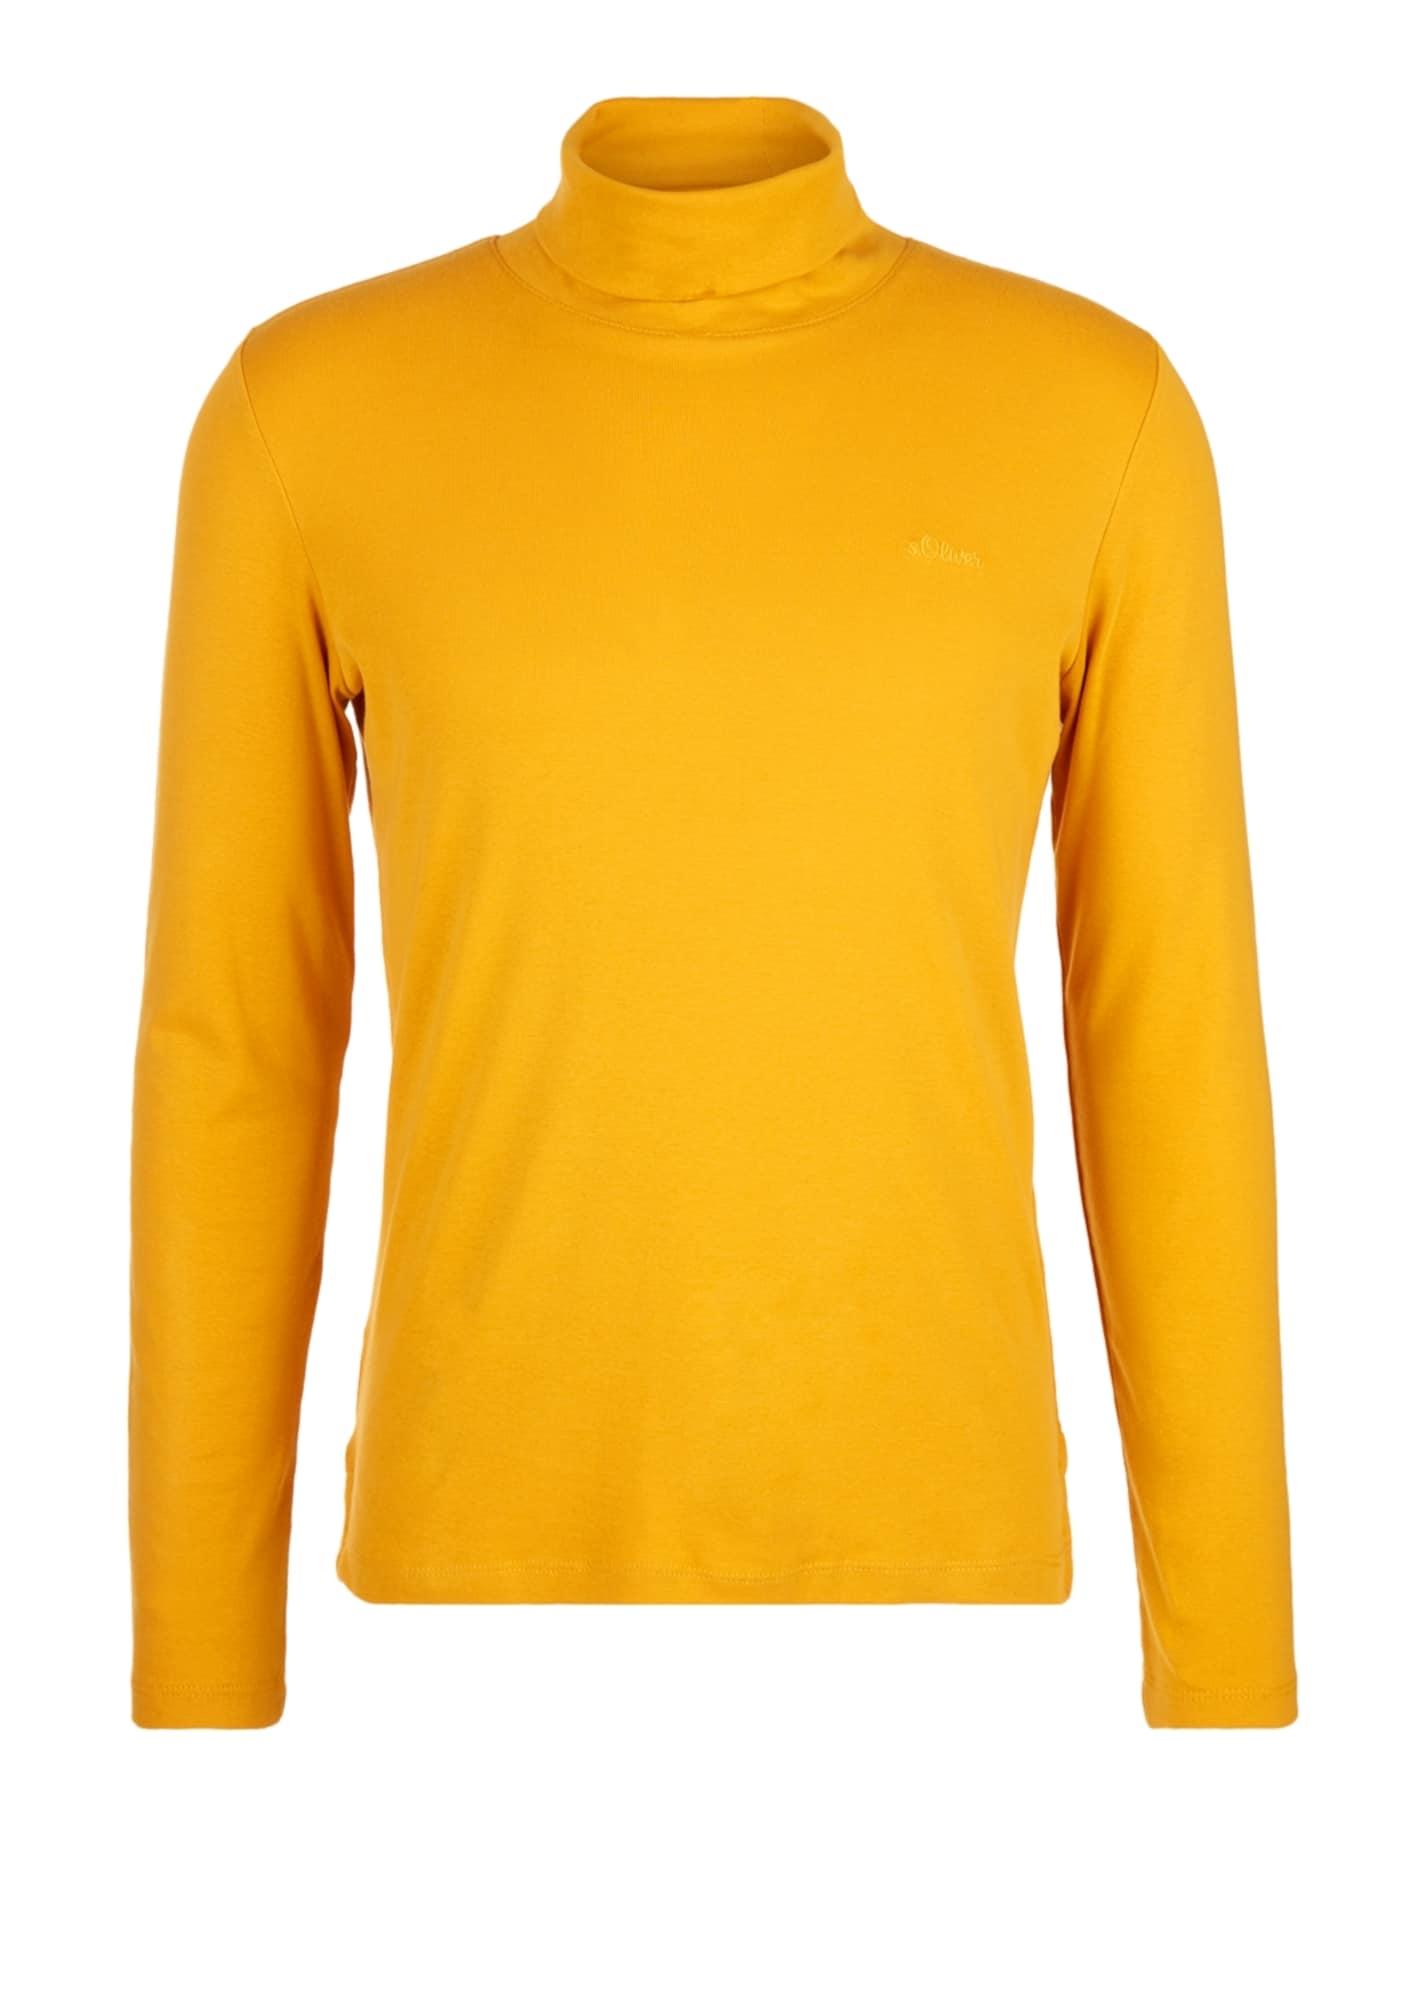 Langarmshirt | Bekleidung > Shirts > Langarm Shirts | S.Oliver